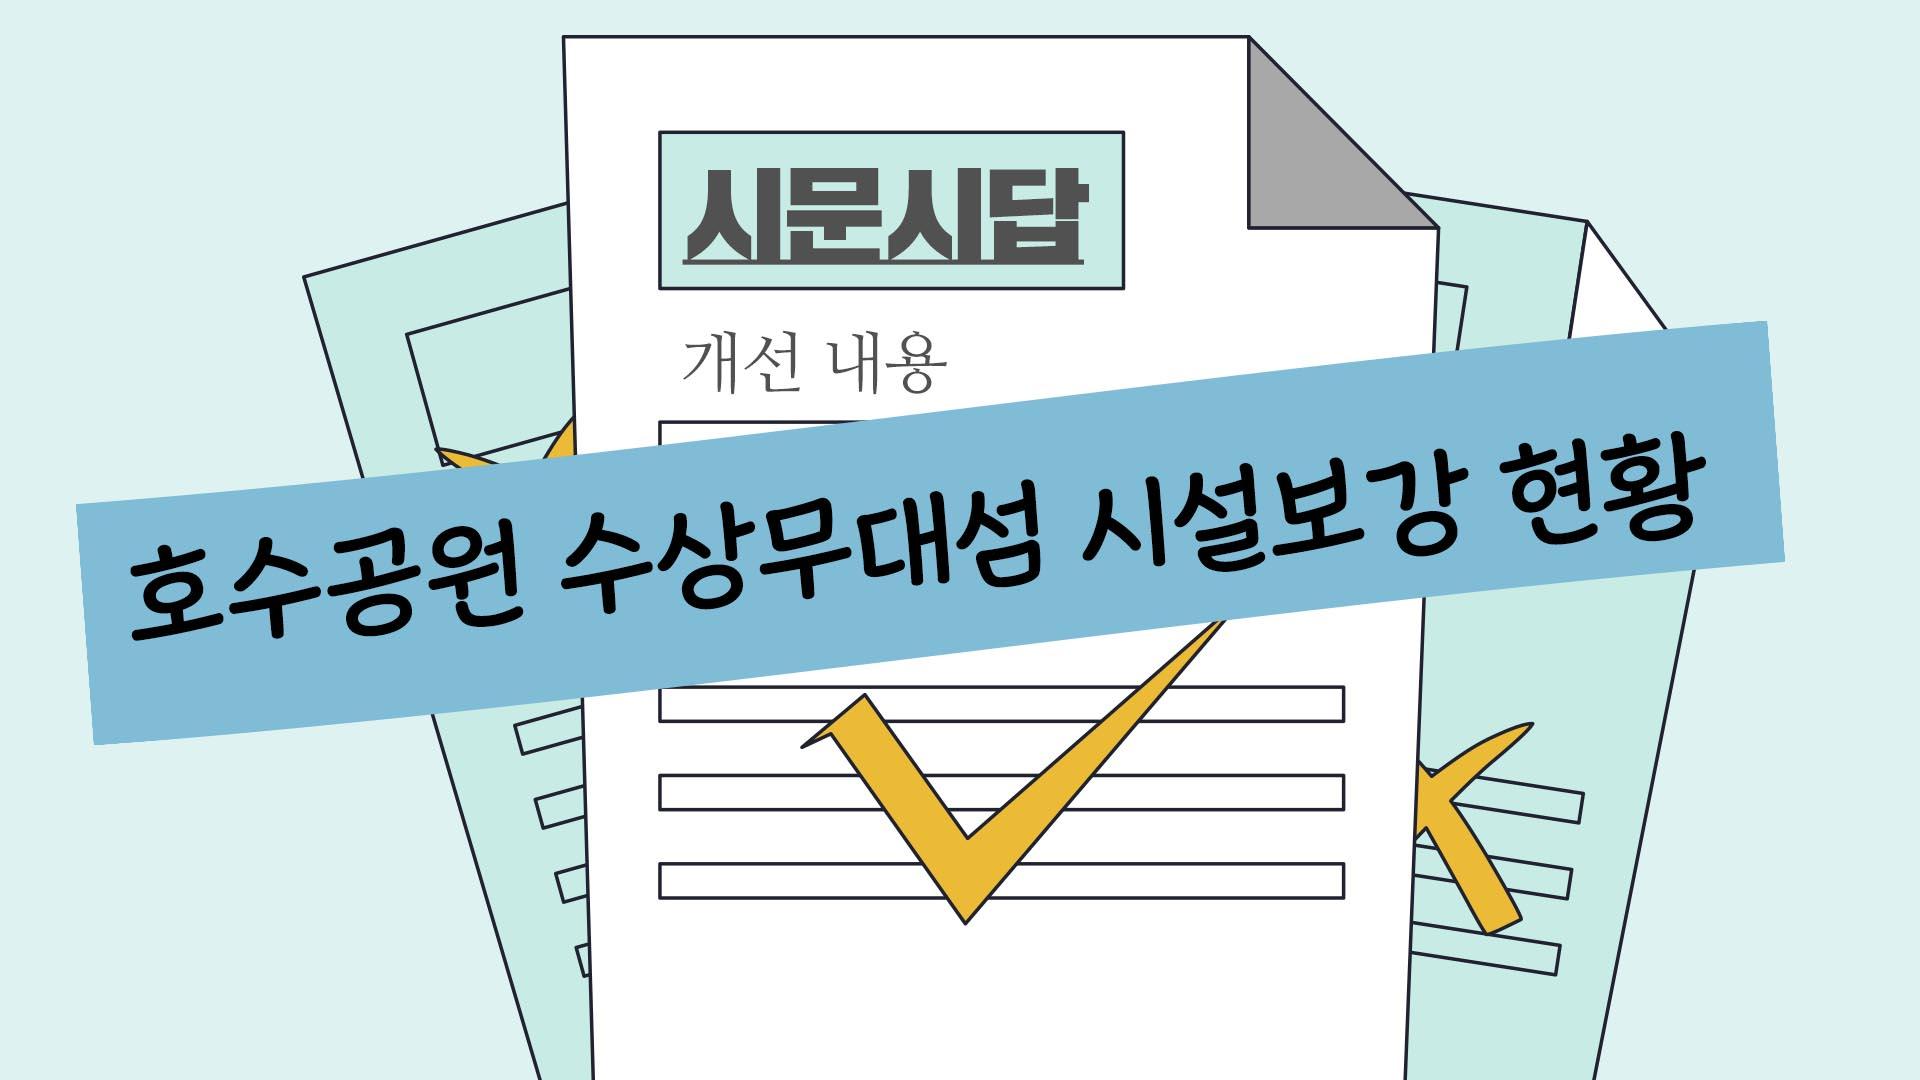 <시문시답 개선> 호수공원 수상무대섬 시설보강 현황